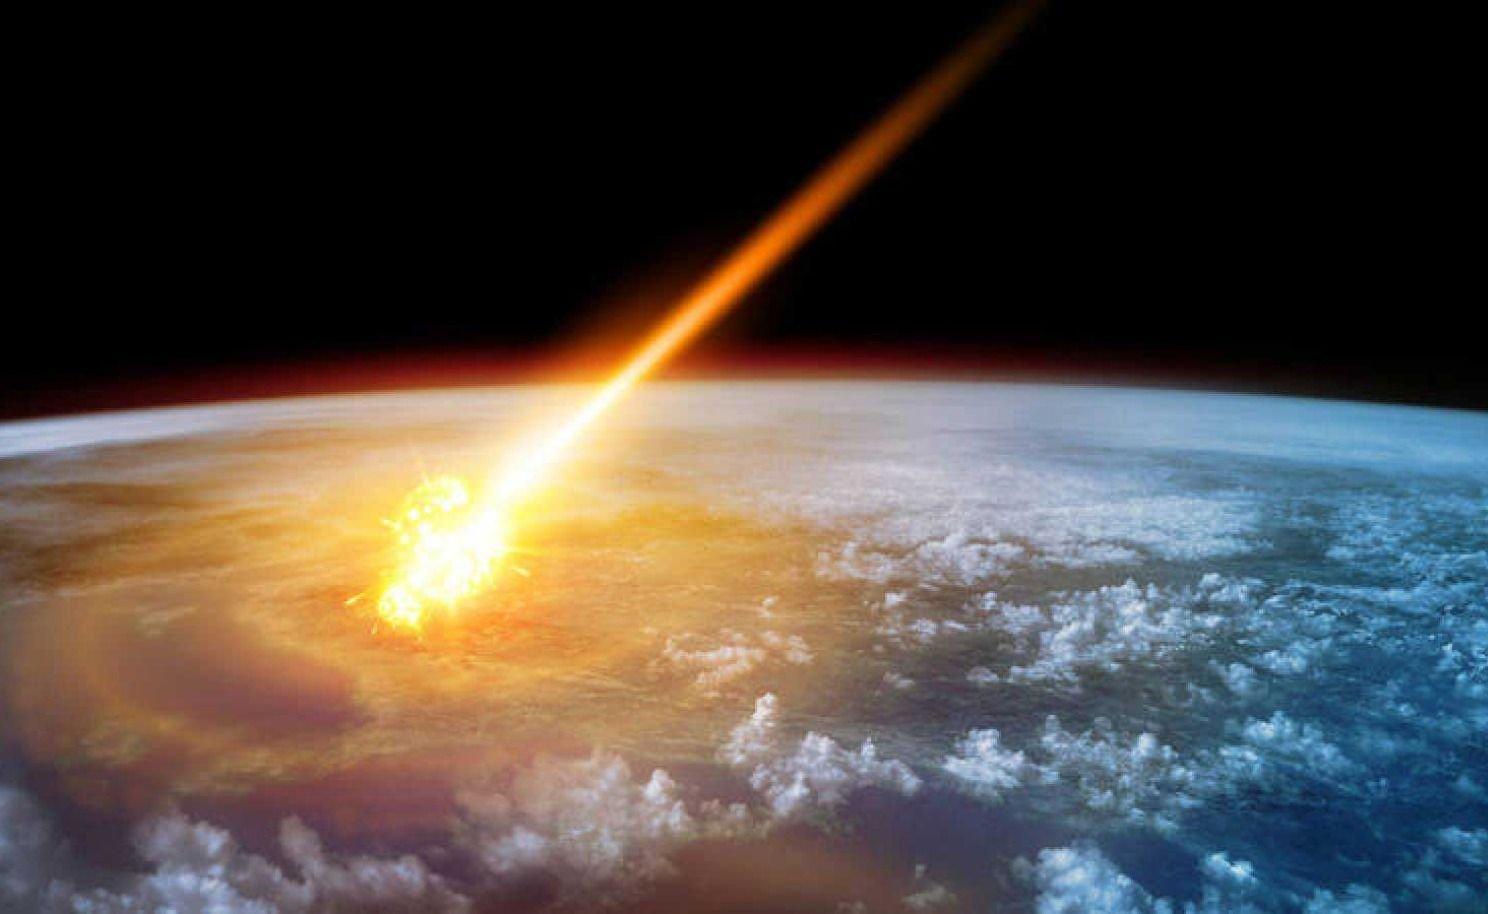 """Hay fecha para el supuesto impacto contra la Tierra del """"Asteroide del juicio final"""""""